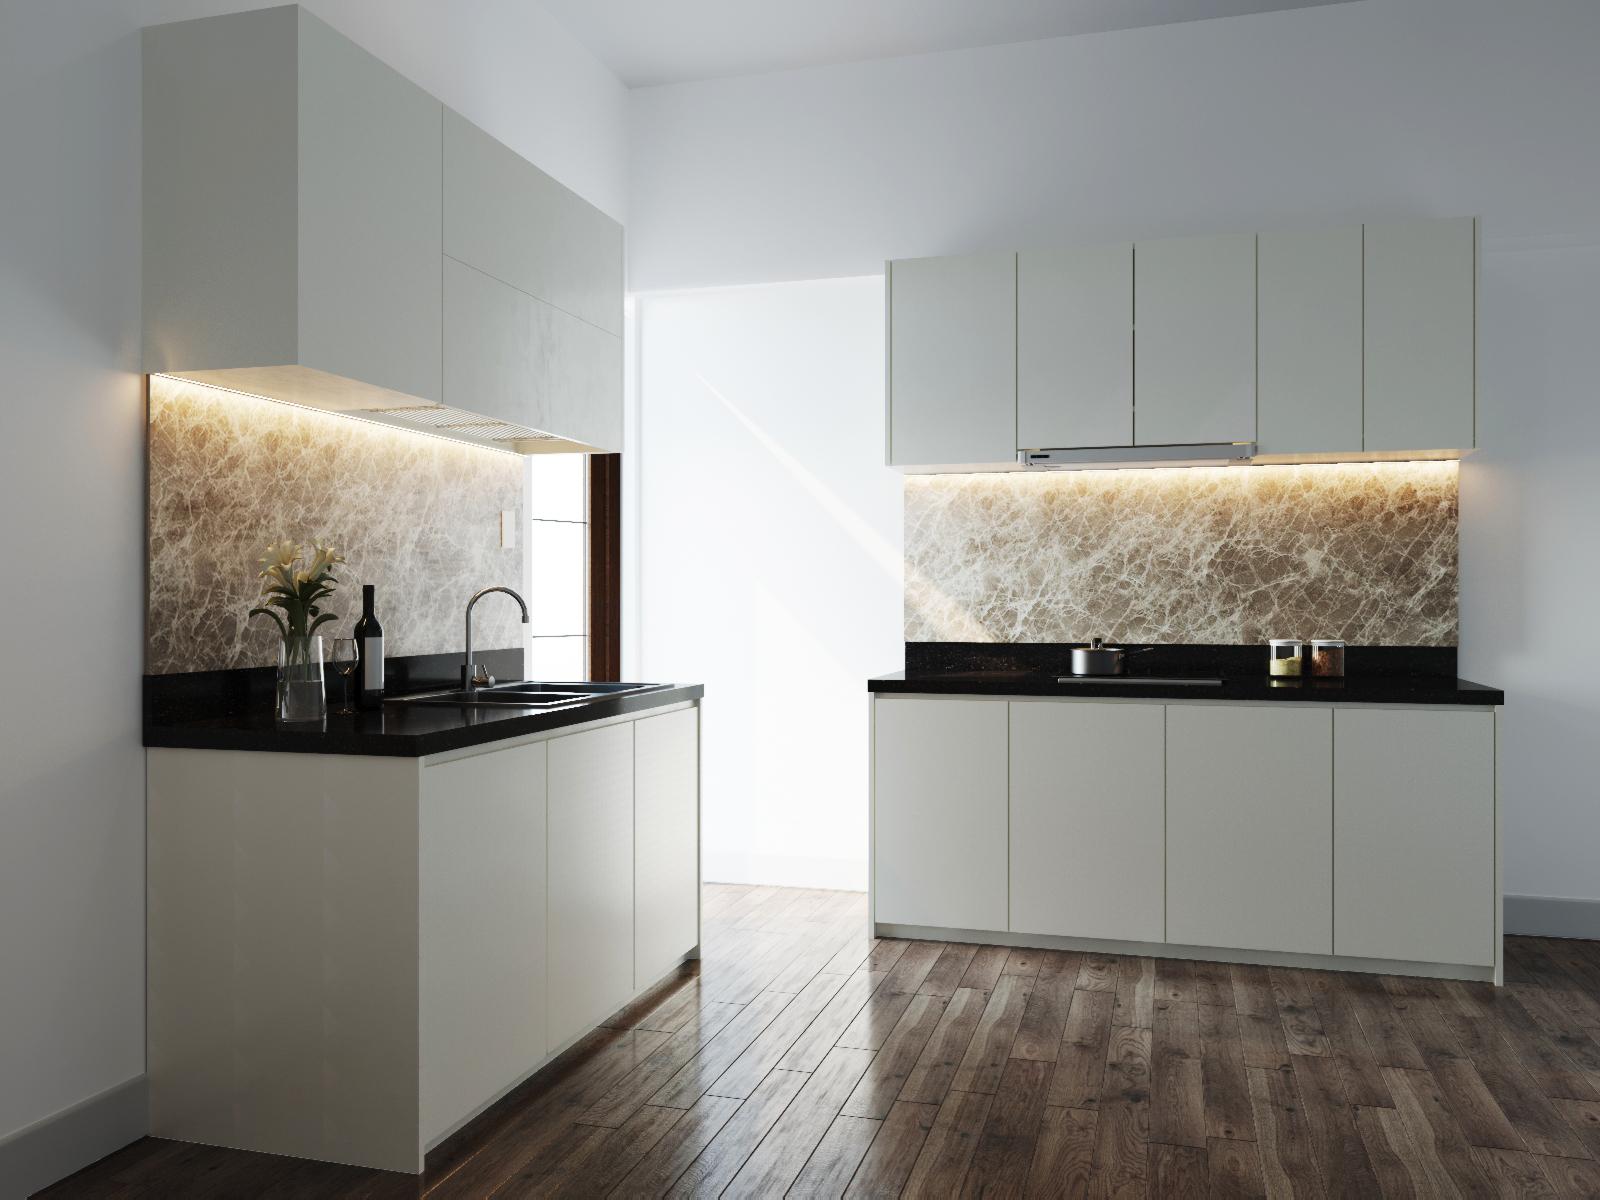 Thiết kế tủ bếp không tay nắm